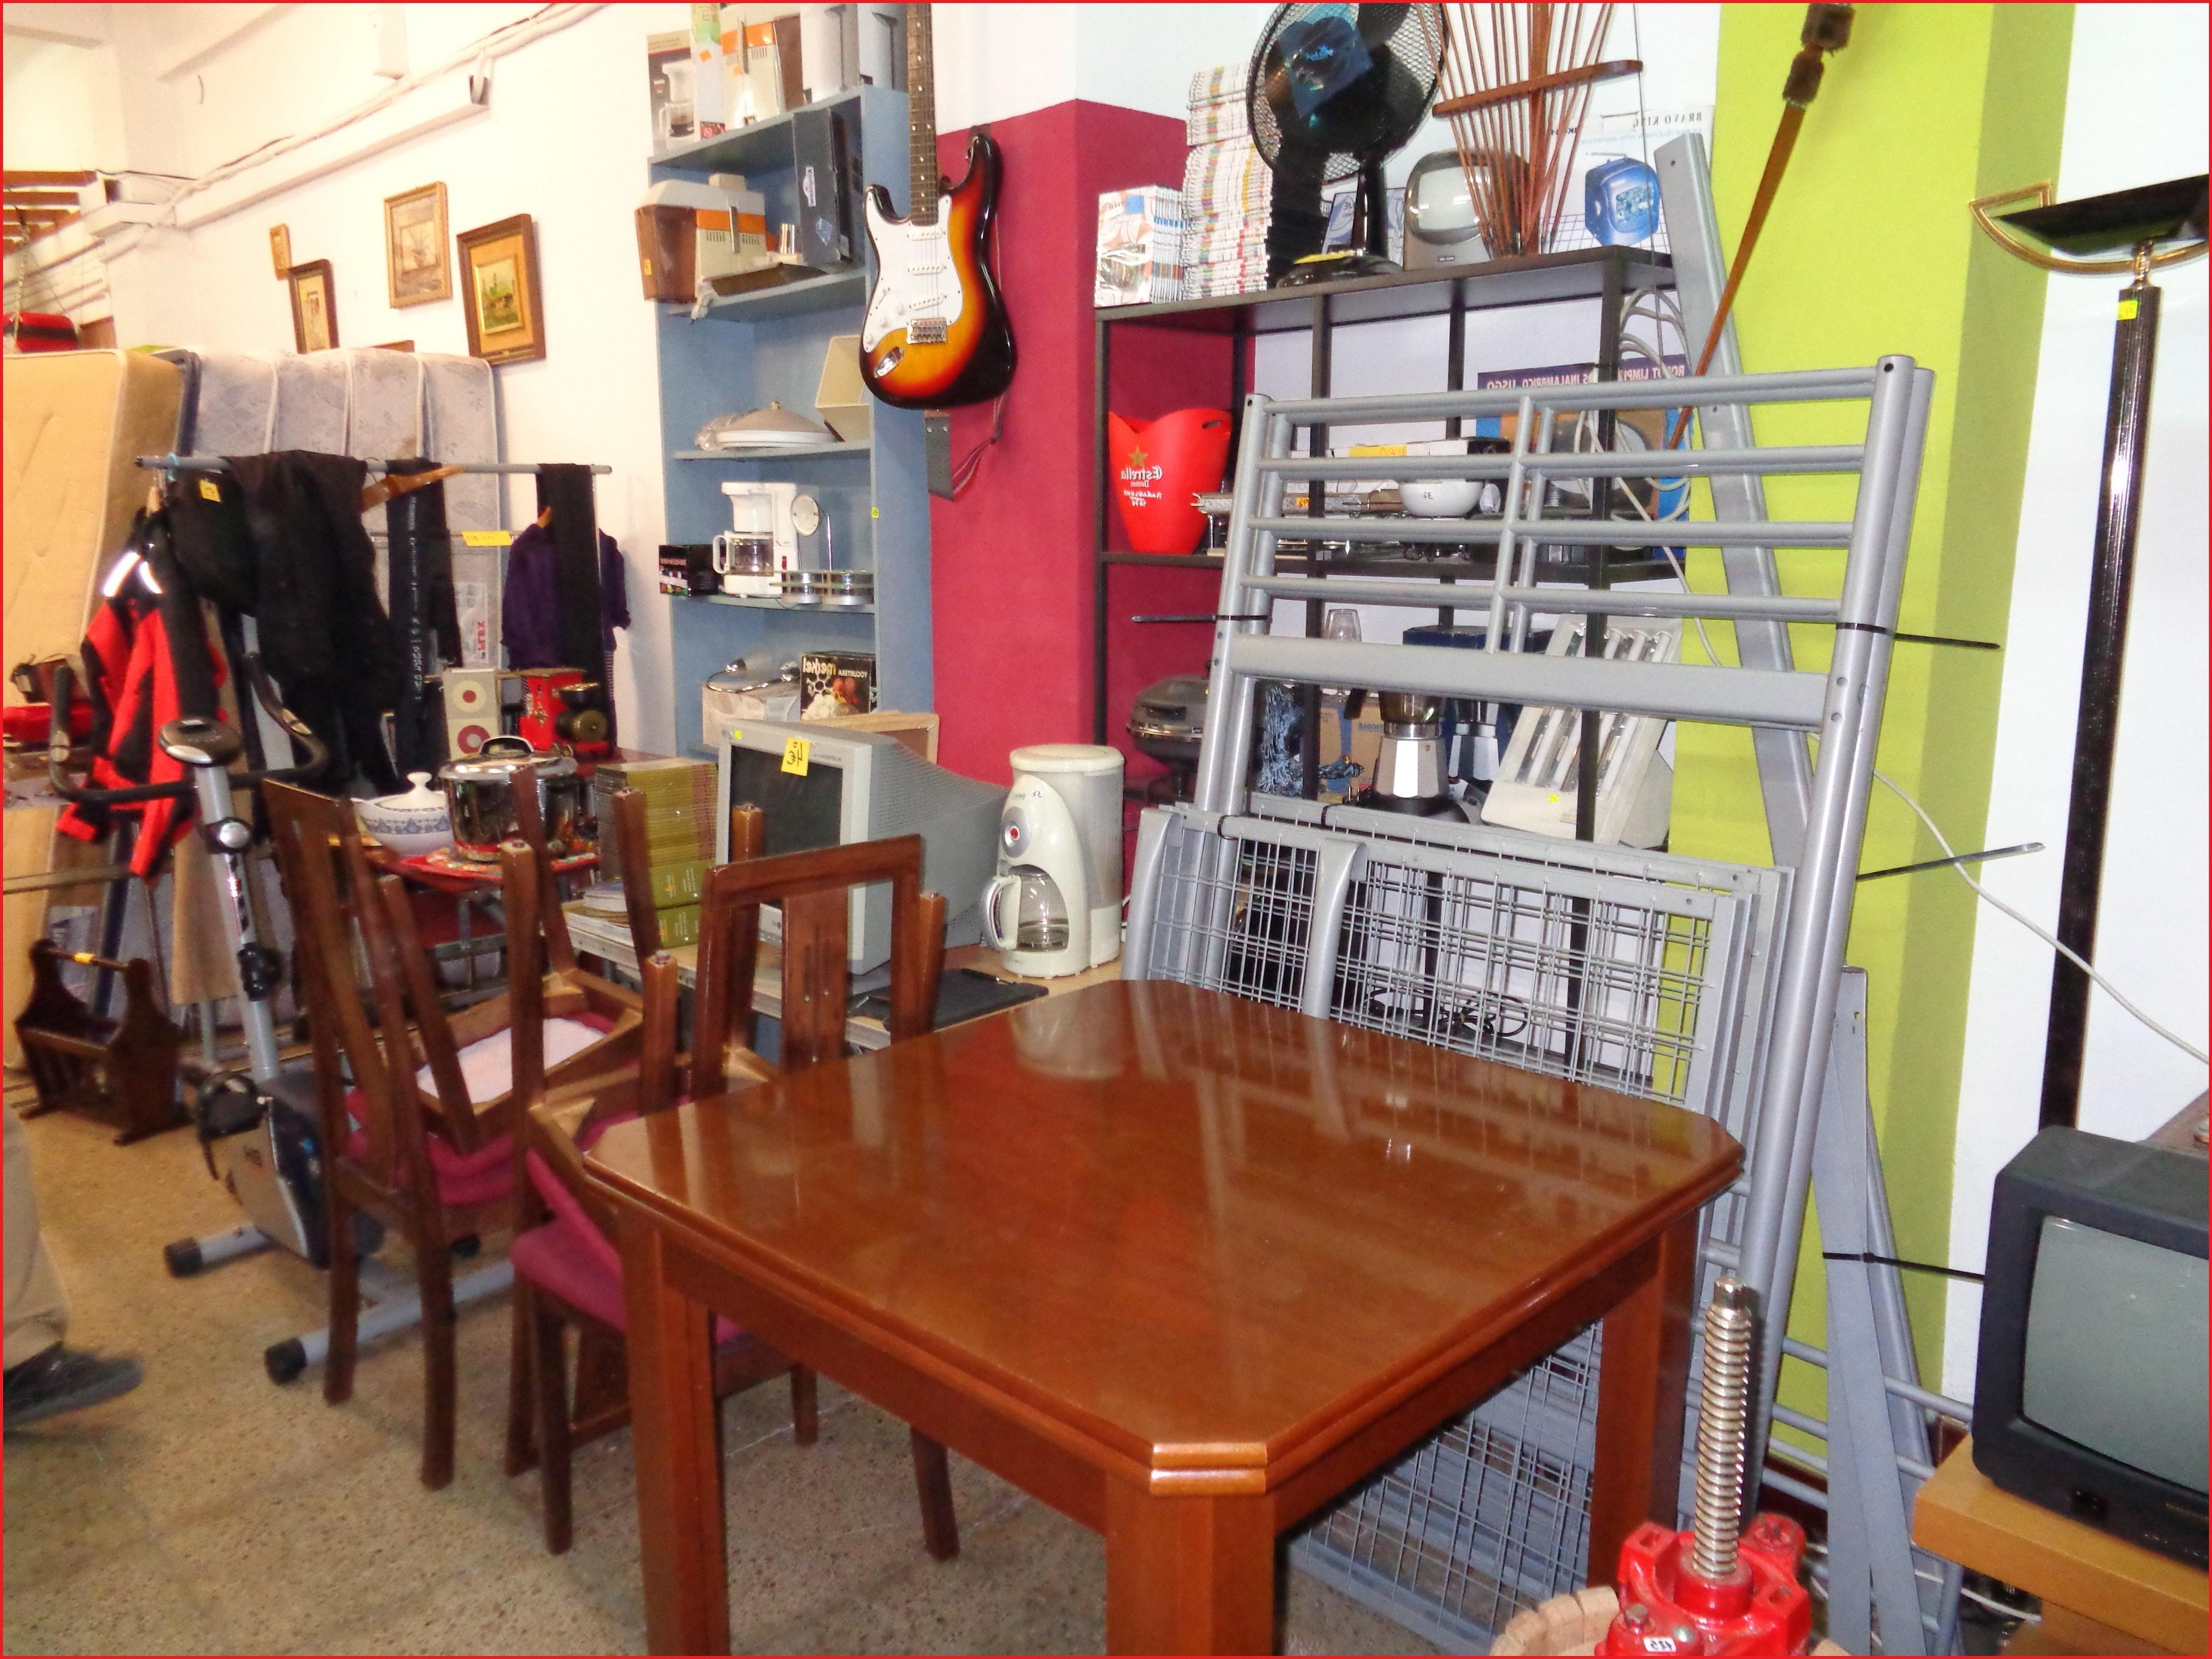 Tiendas De Muebles De Segunda Mano En Barcelona Thdr Muebles Segunda Mano Barcelona Tiendas Muebles De Salon Segunda